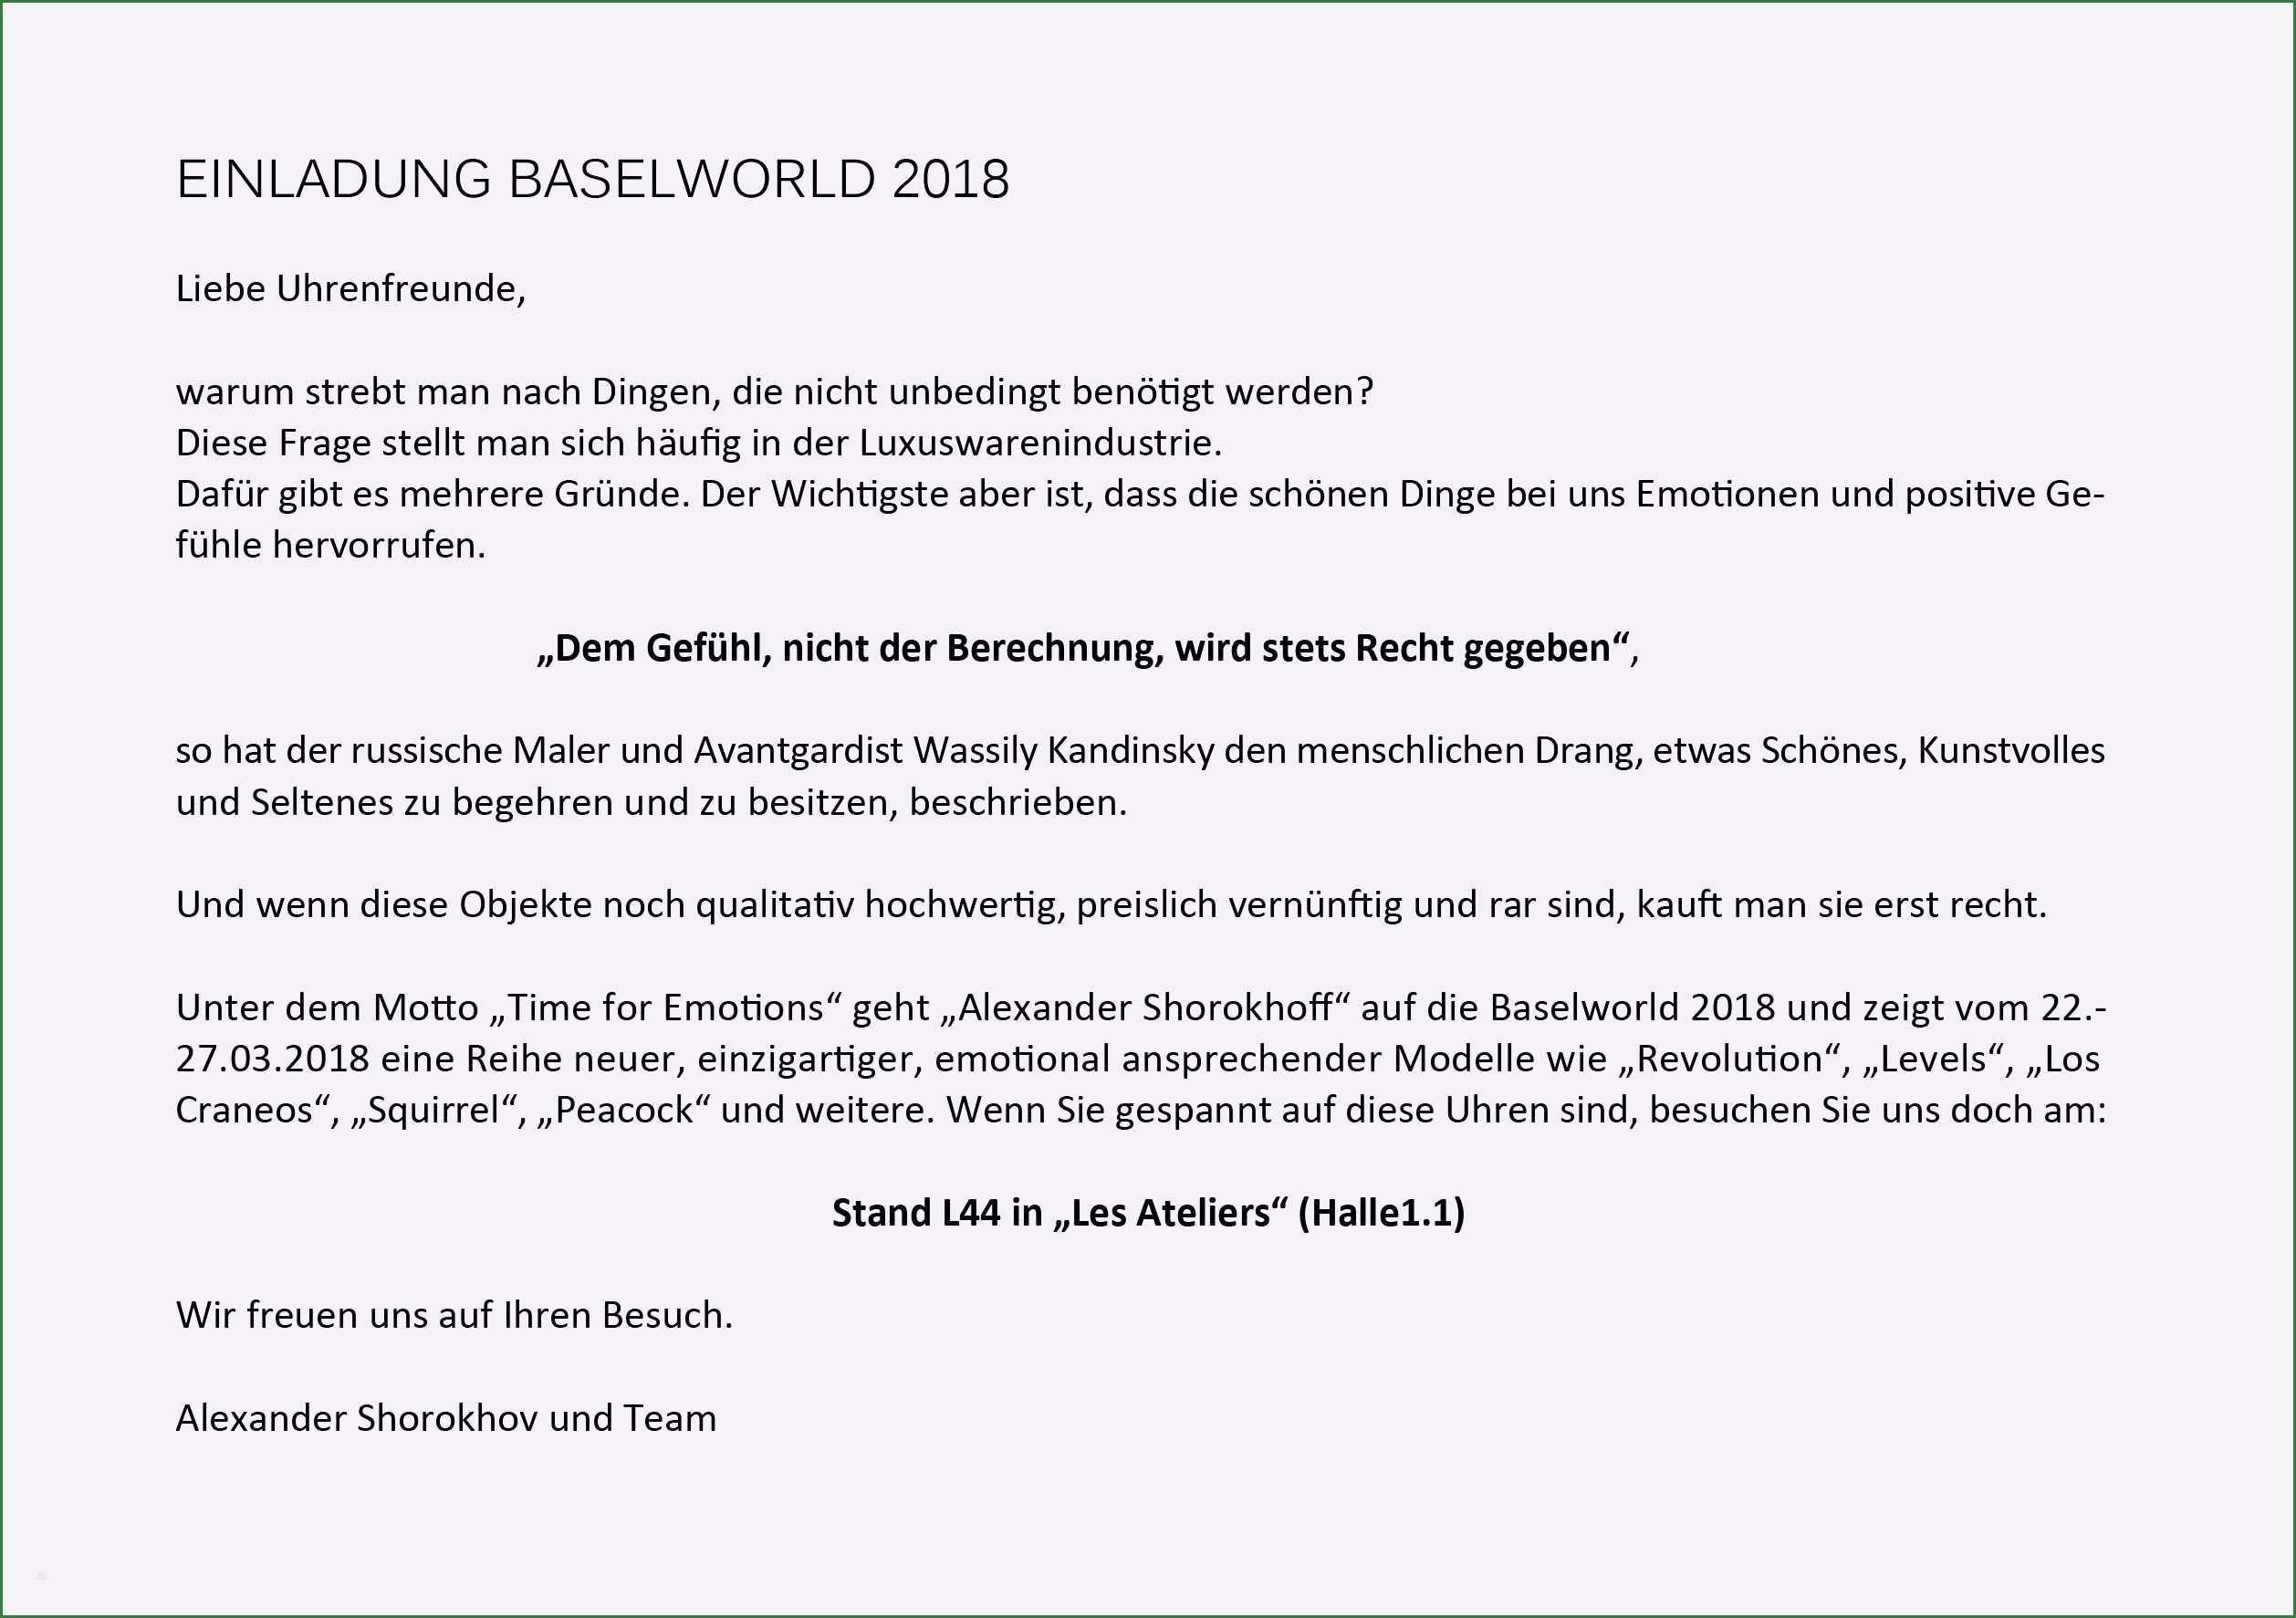 30 Neu Beerdigung Einladung Vorlage Galerie Einladungen Vorlagen Briefkopf Vorlage Einladungen